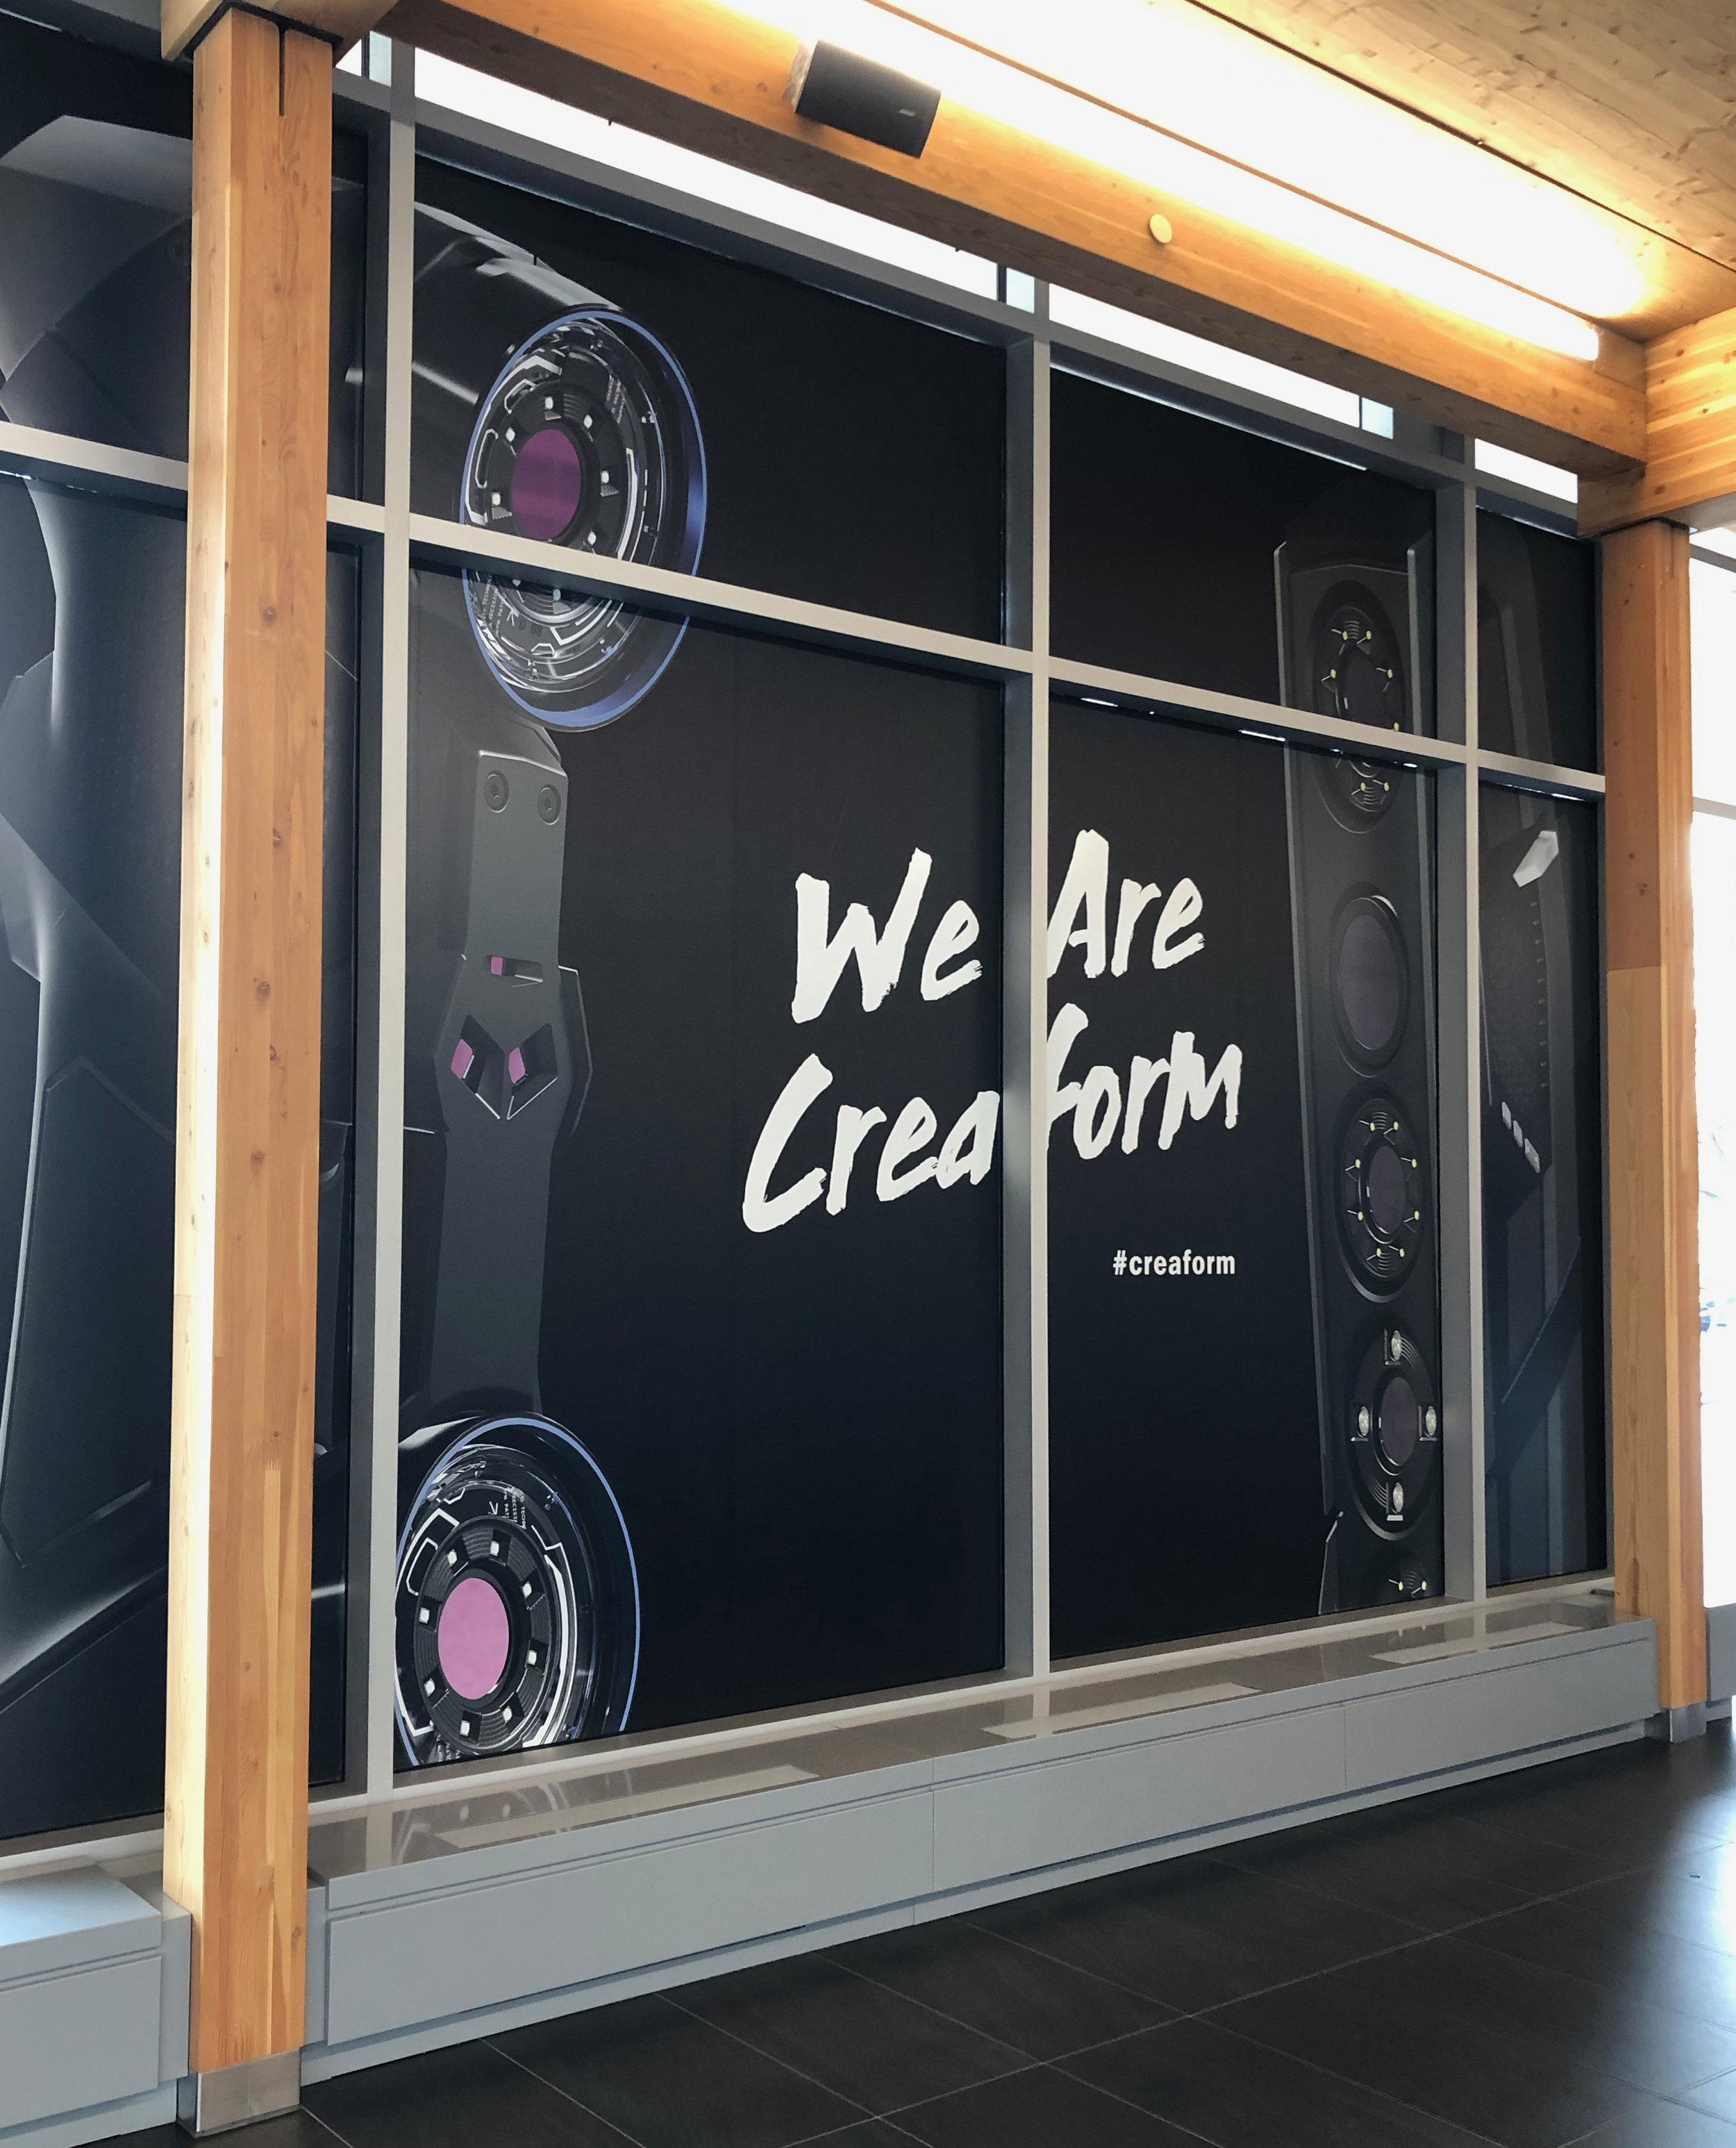 Dévoilement de produits à l'aide d'une murale